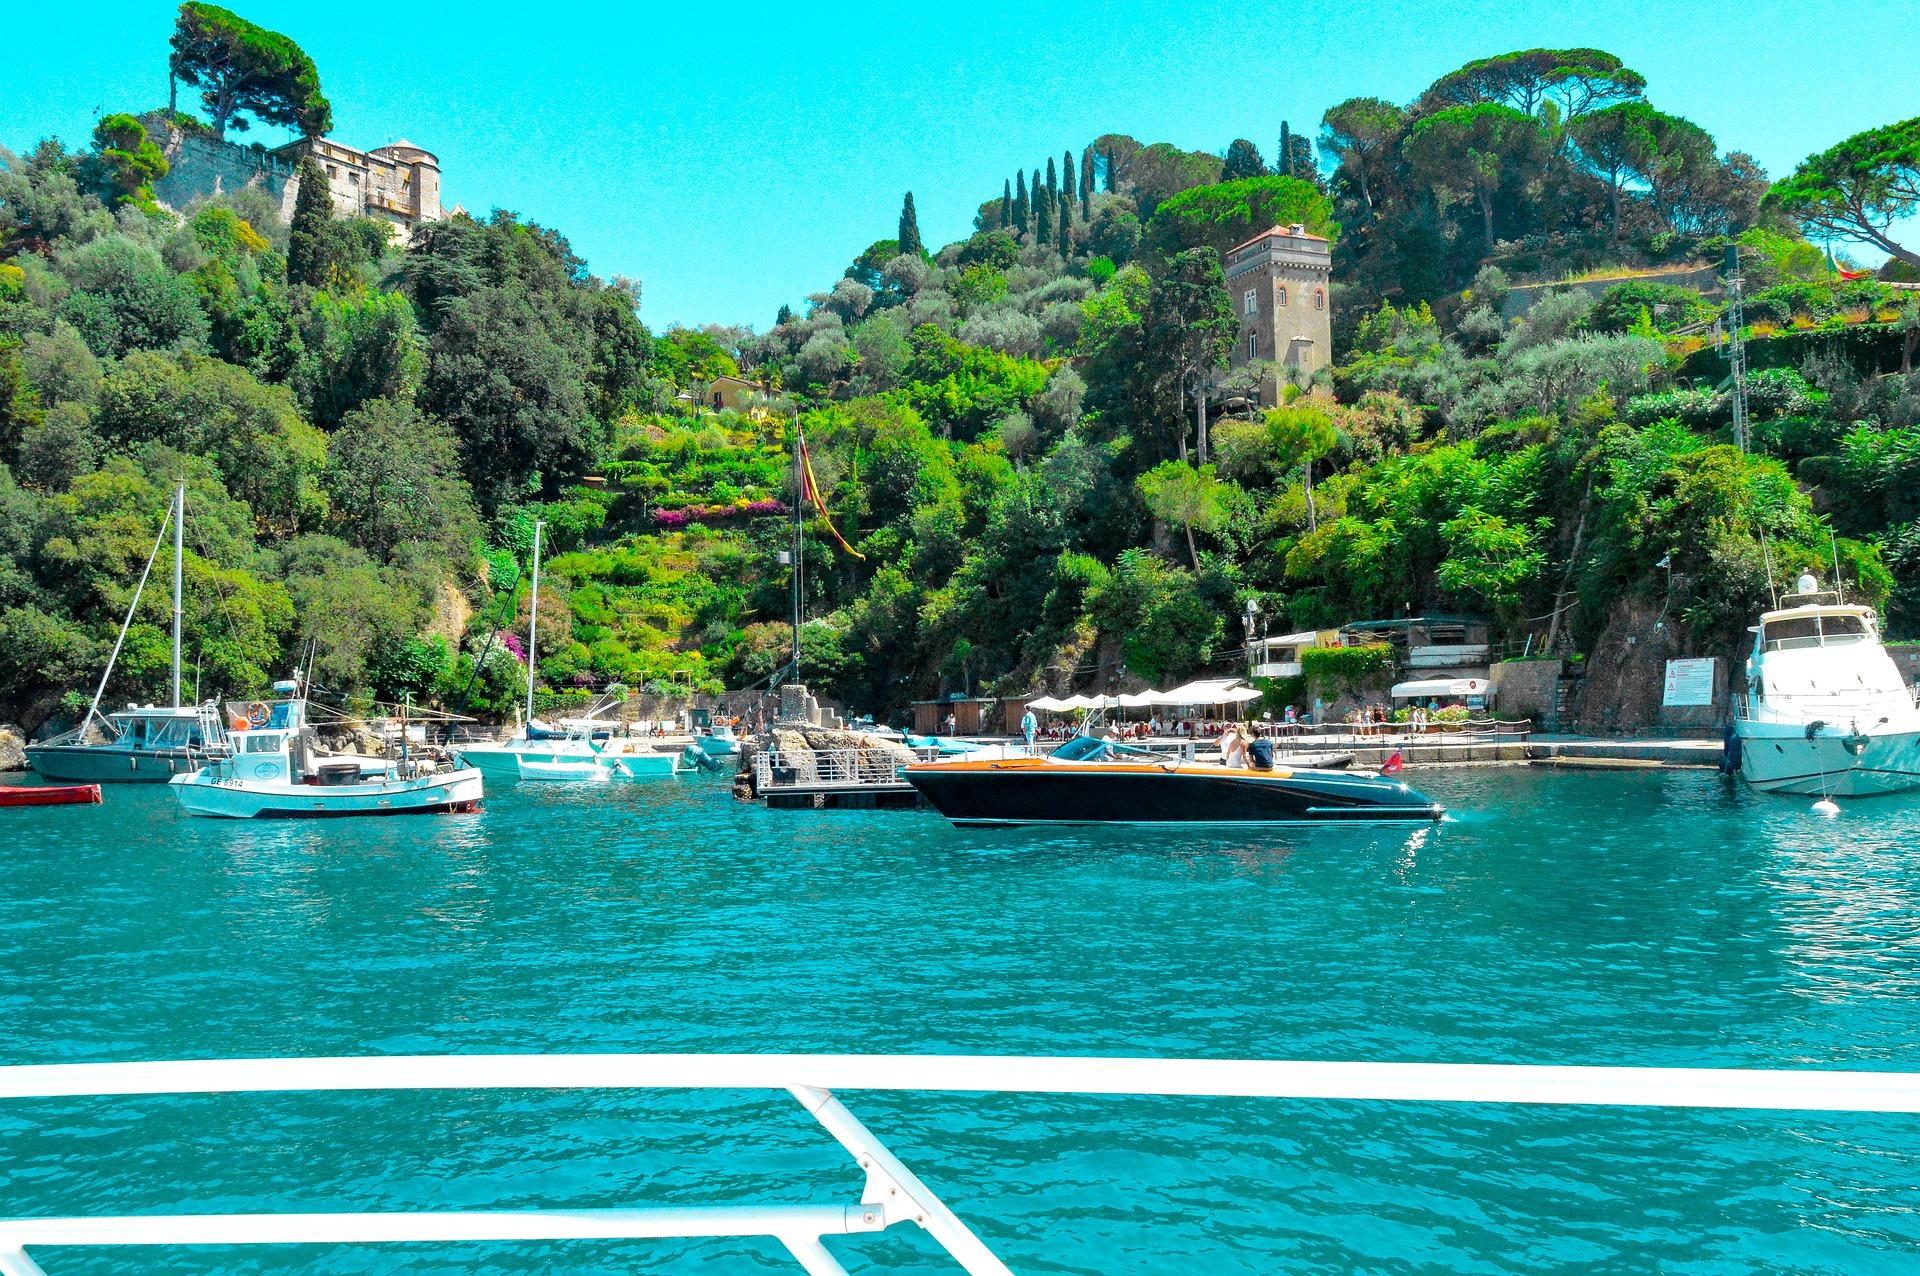 Walking in Ligurian Riviera